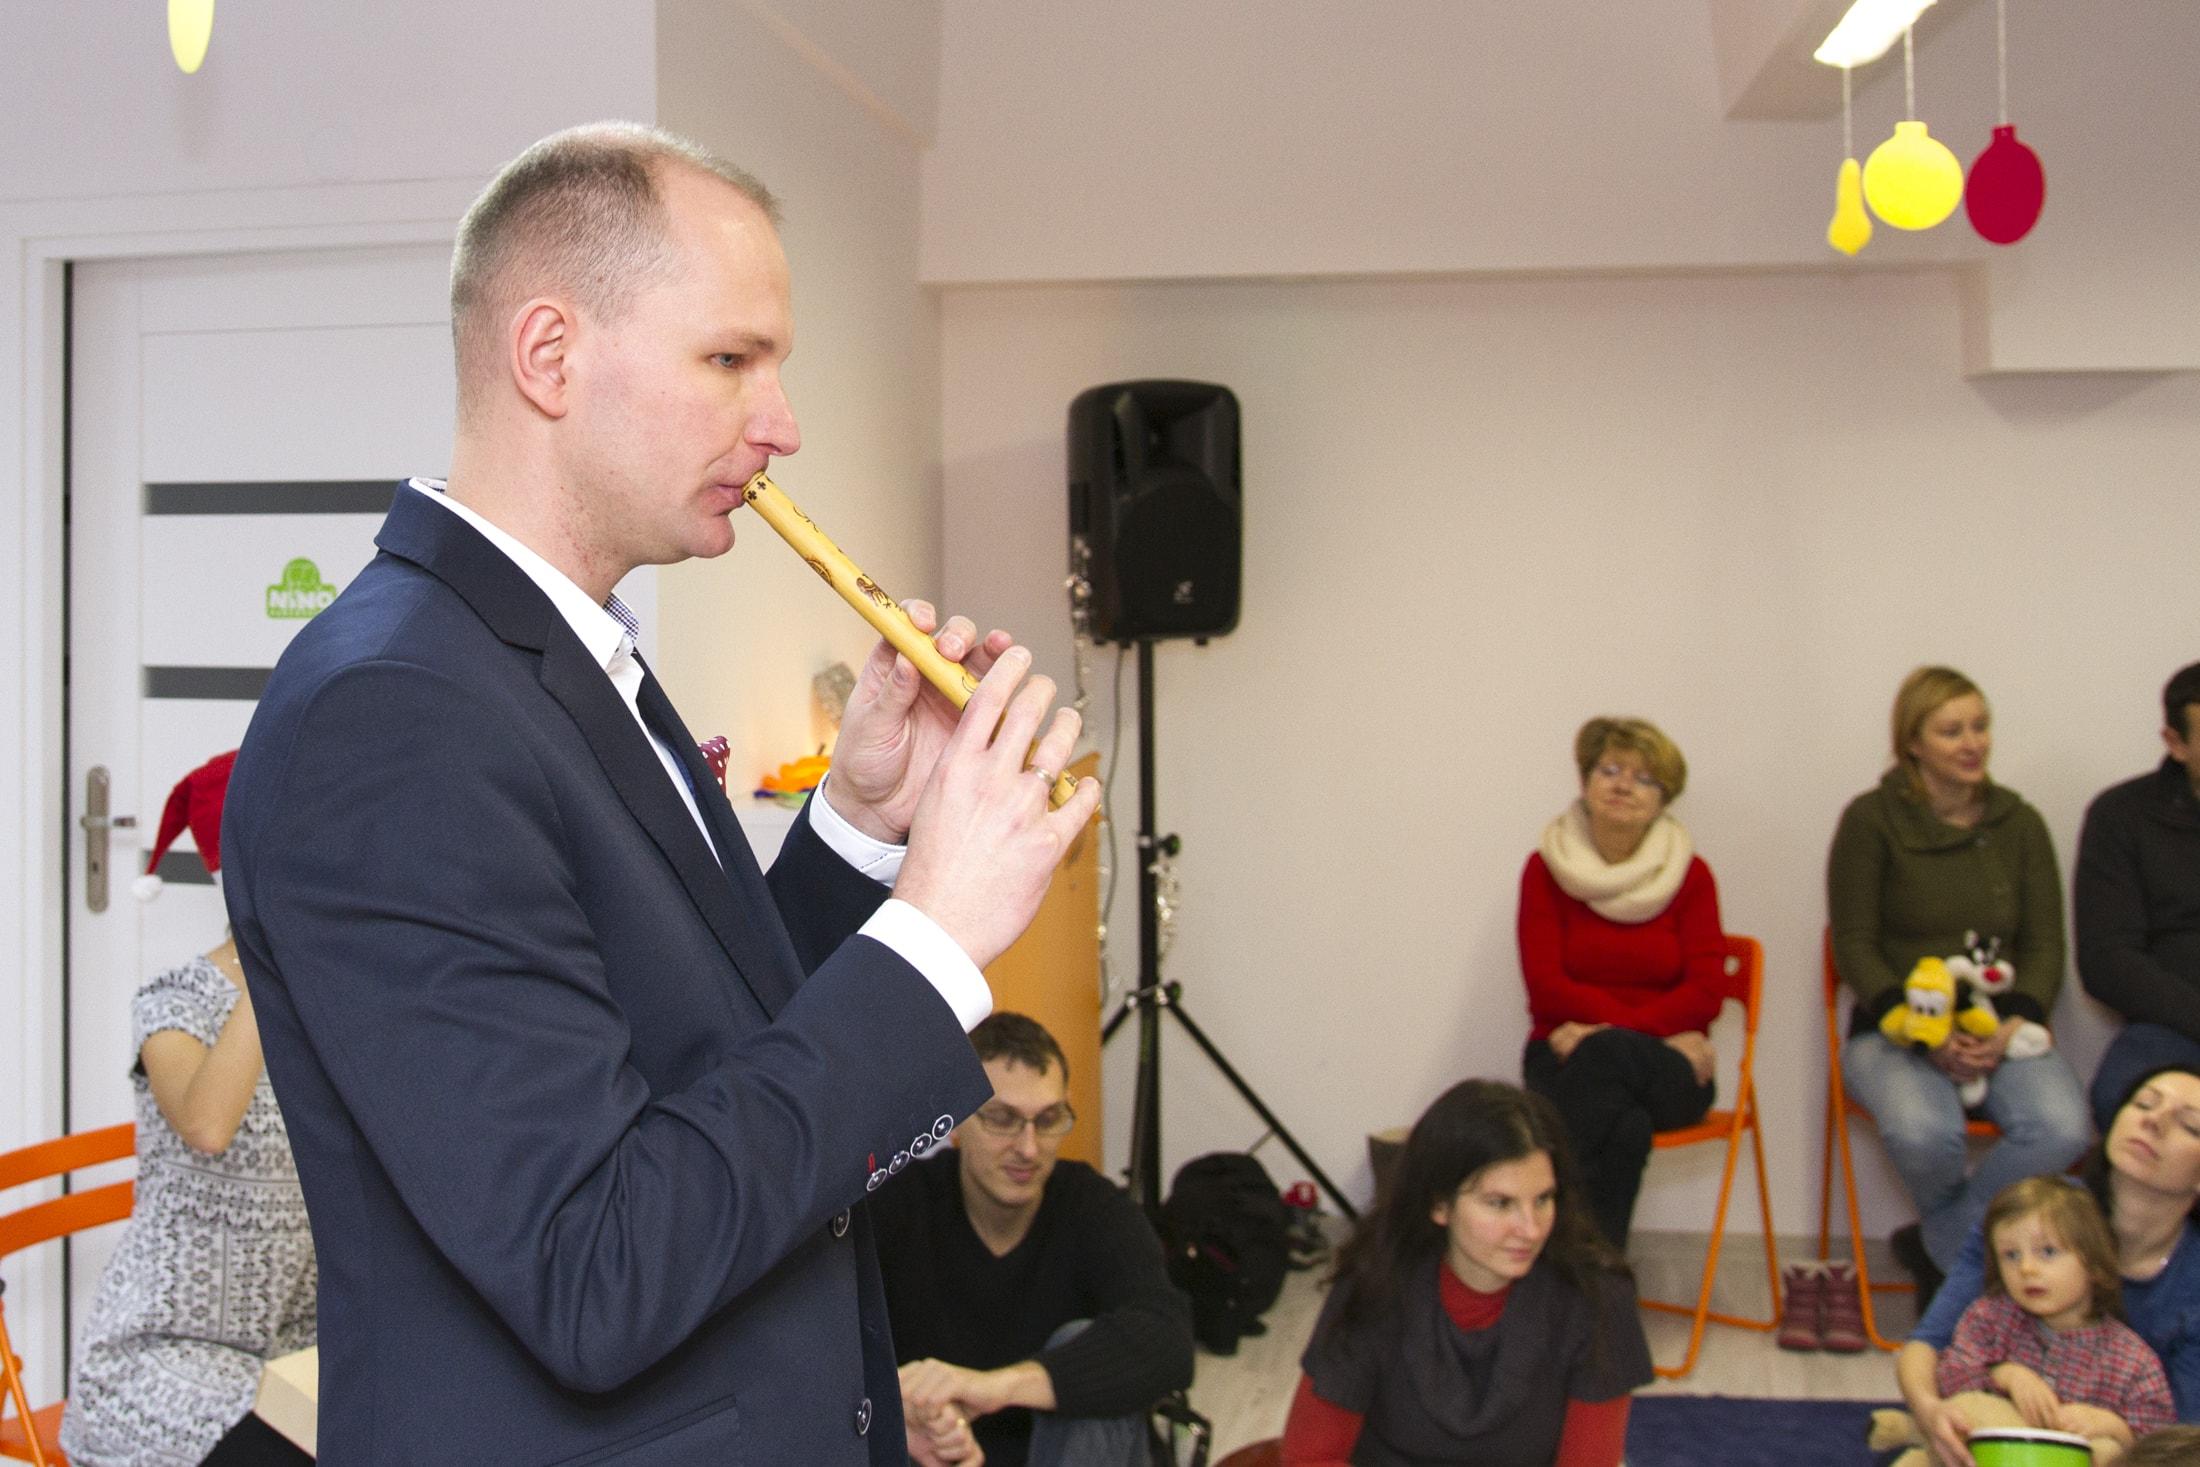 Daniel Ebertowski spoiłka Akademia Muzyki Ebertowski